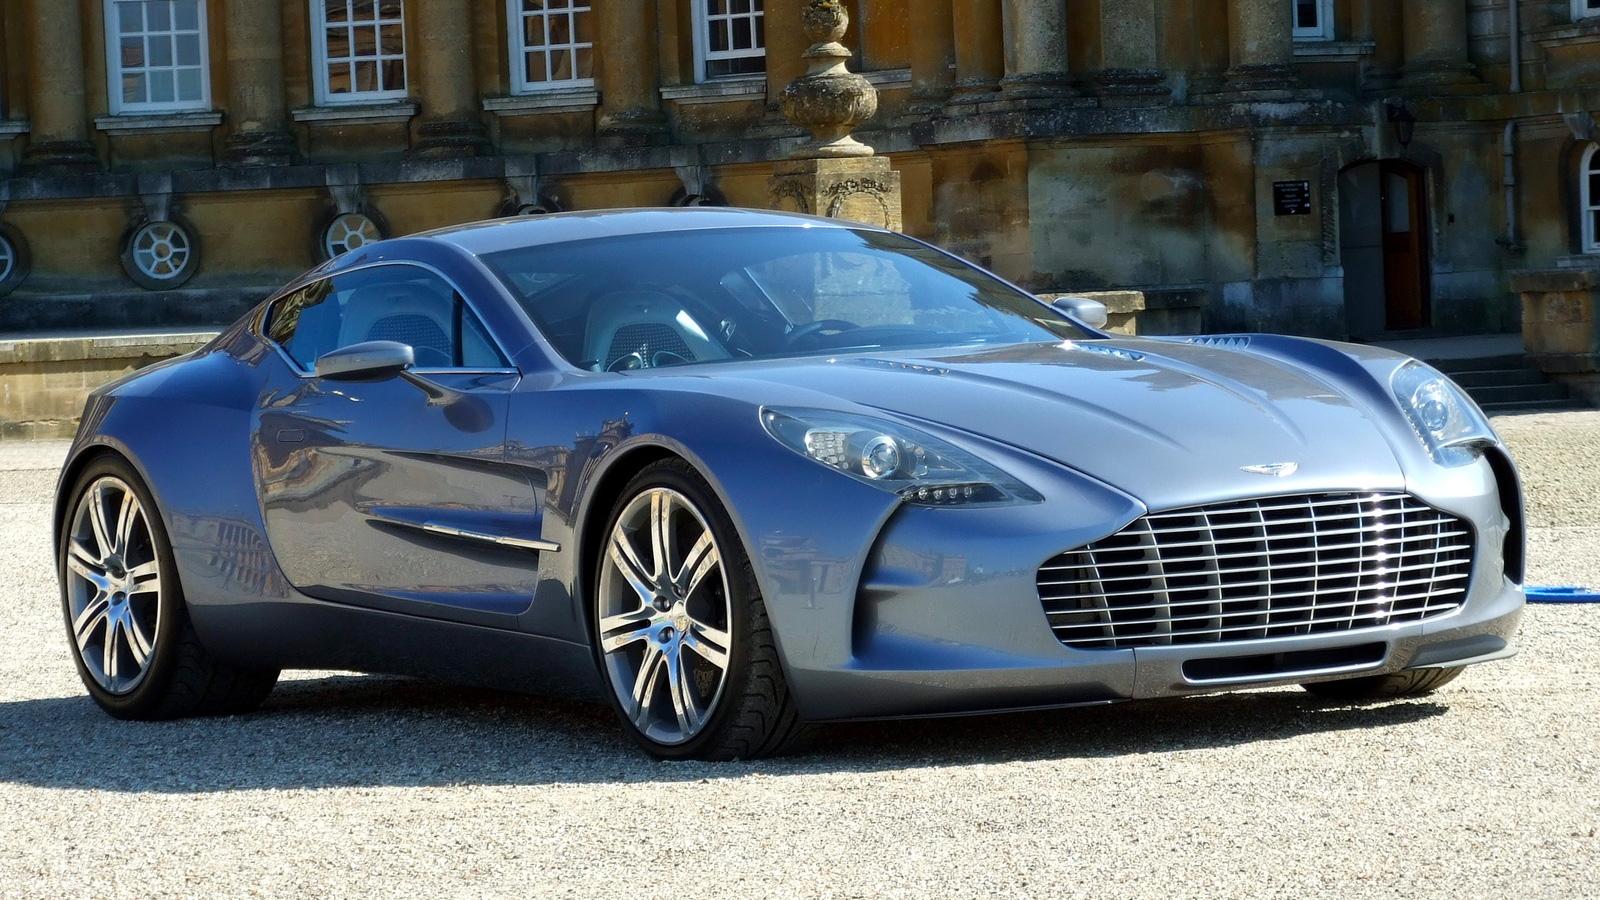 Aston Martin One 77 Rental Miami Lusso